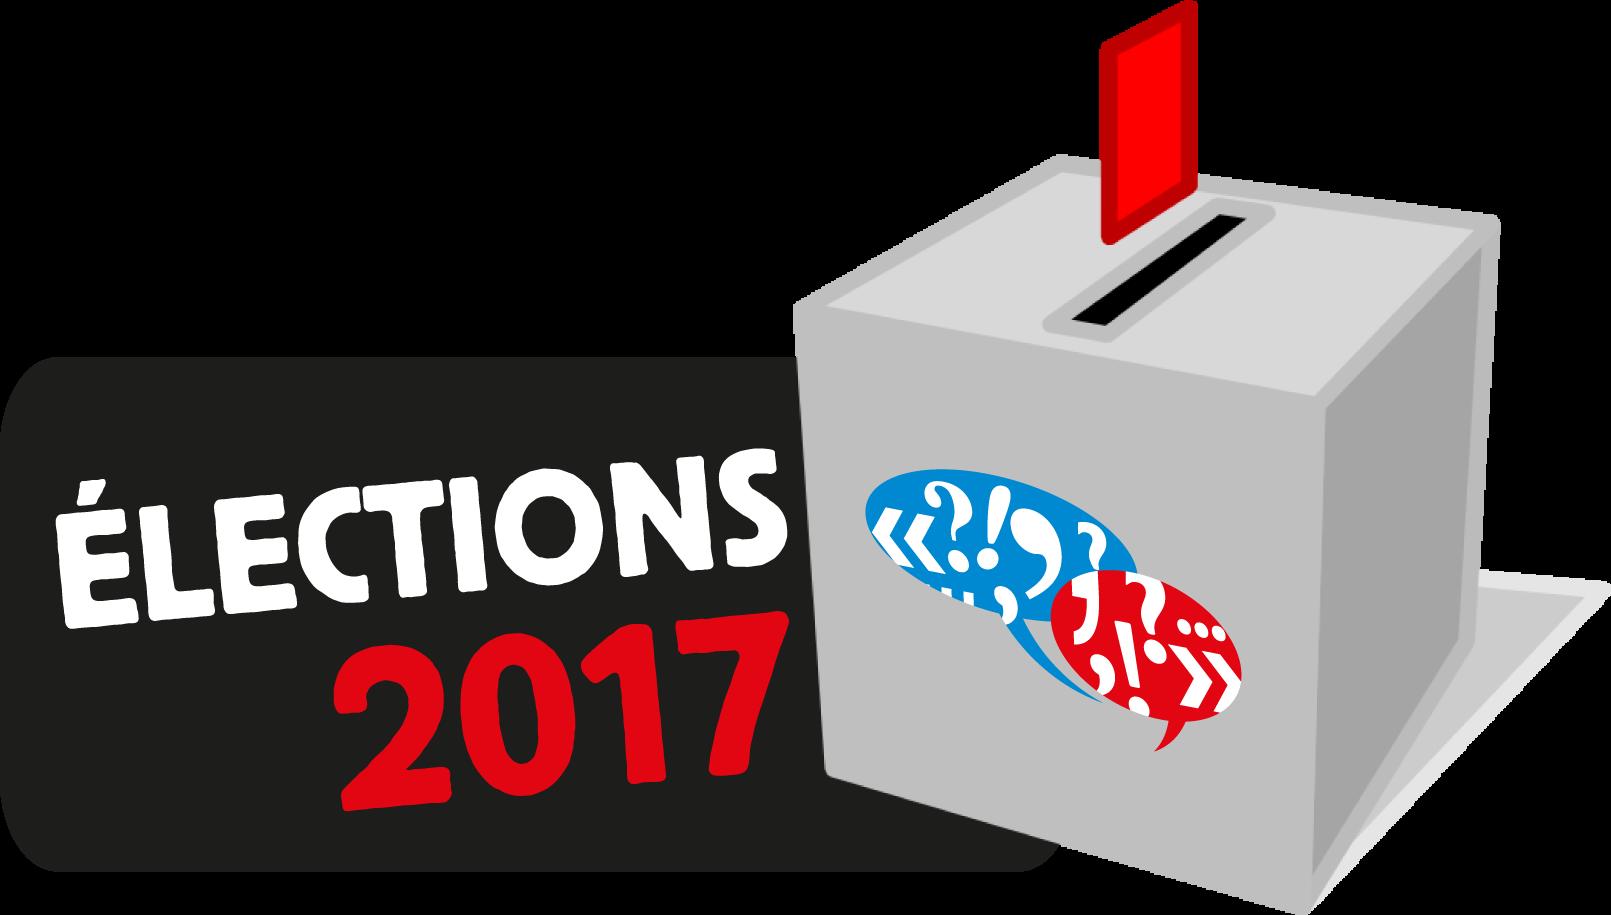 Deux nouveaux candidats pour la 1ere circonscription